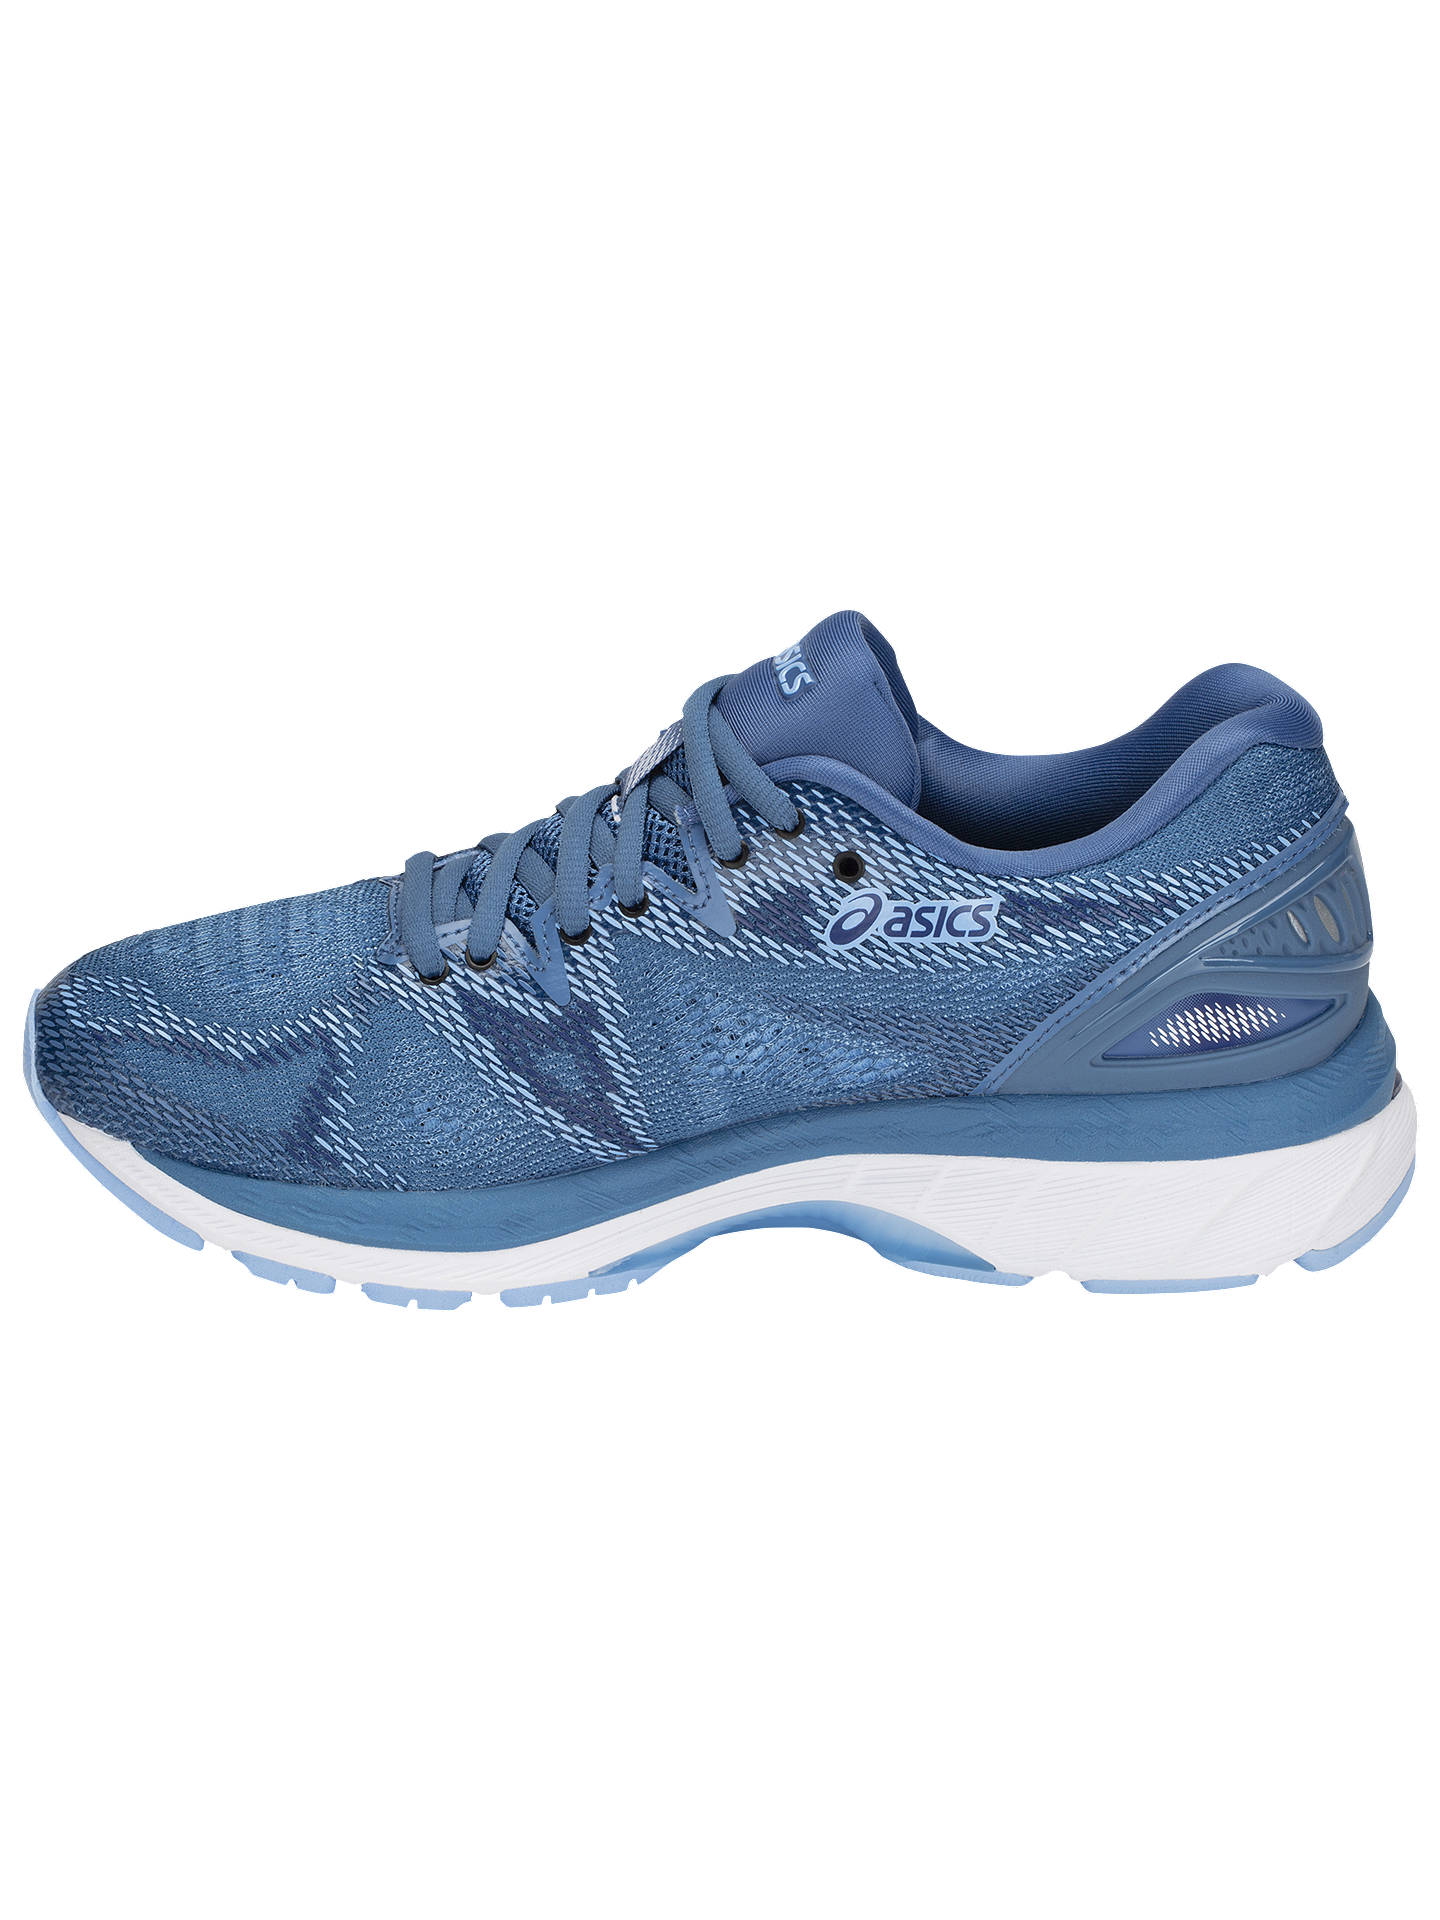 ASICS GEL-NIMBUS 20 Women's Running Shoes at John Lewis